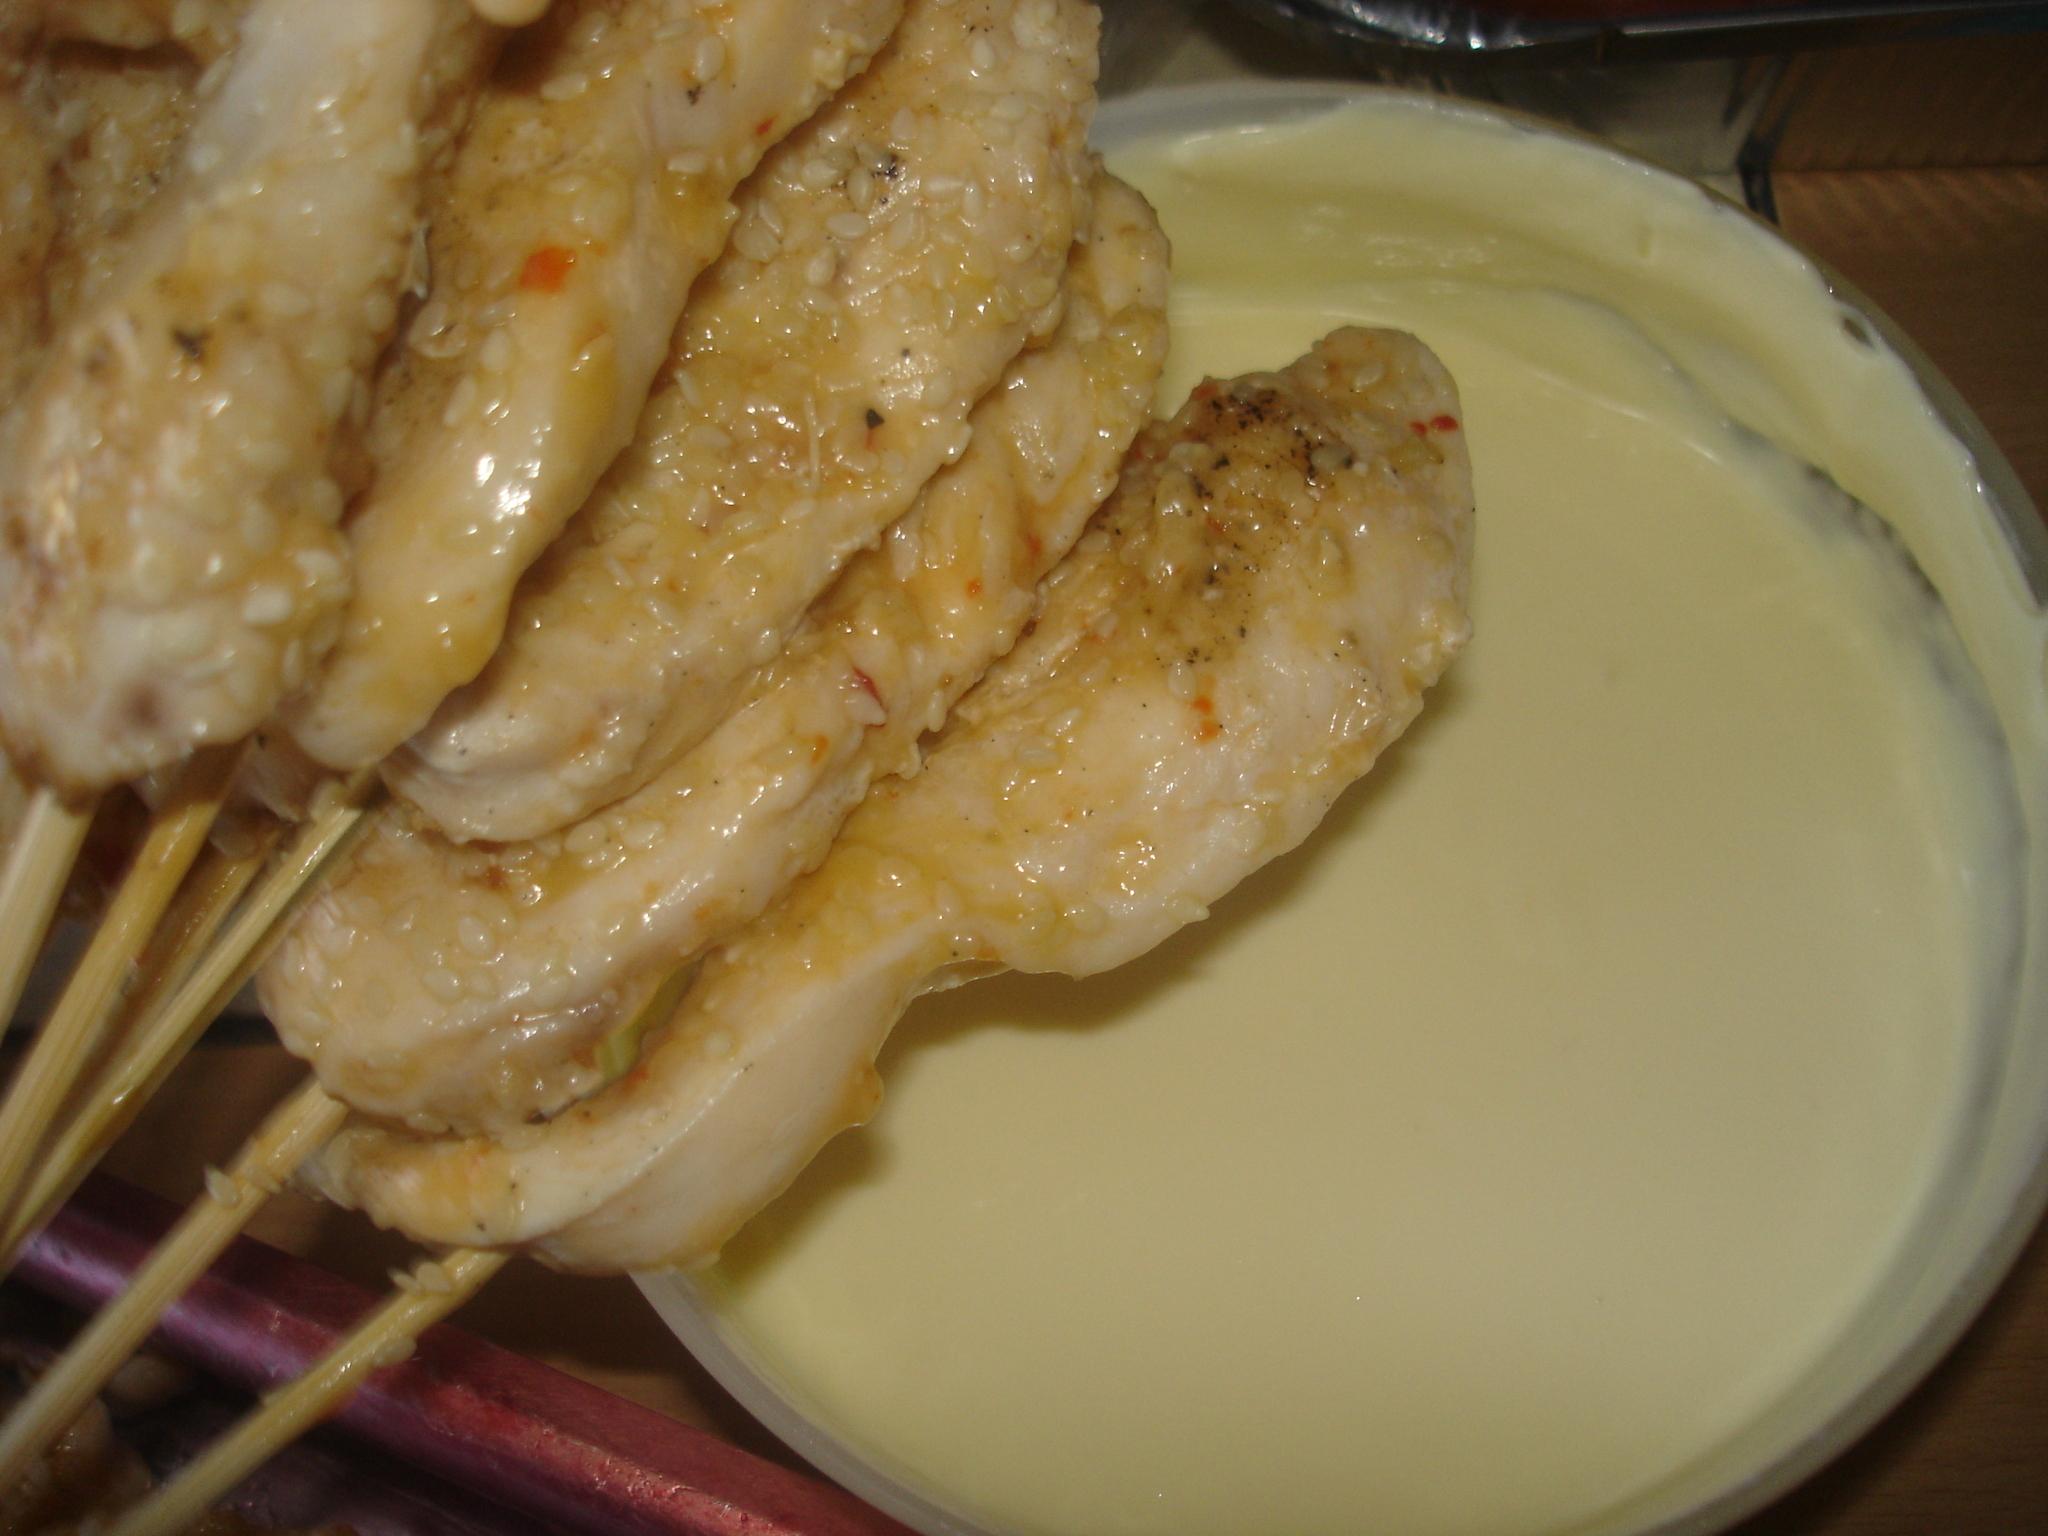 kycklingspett i ugn buffe